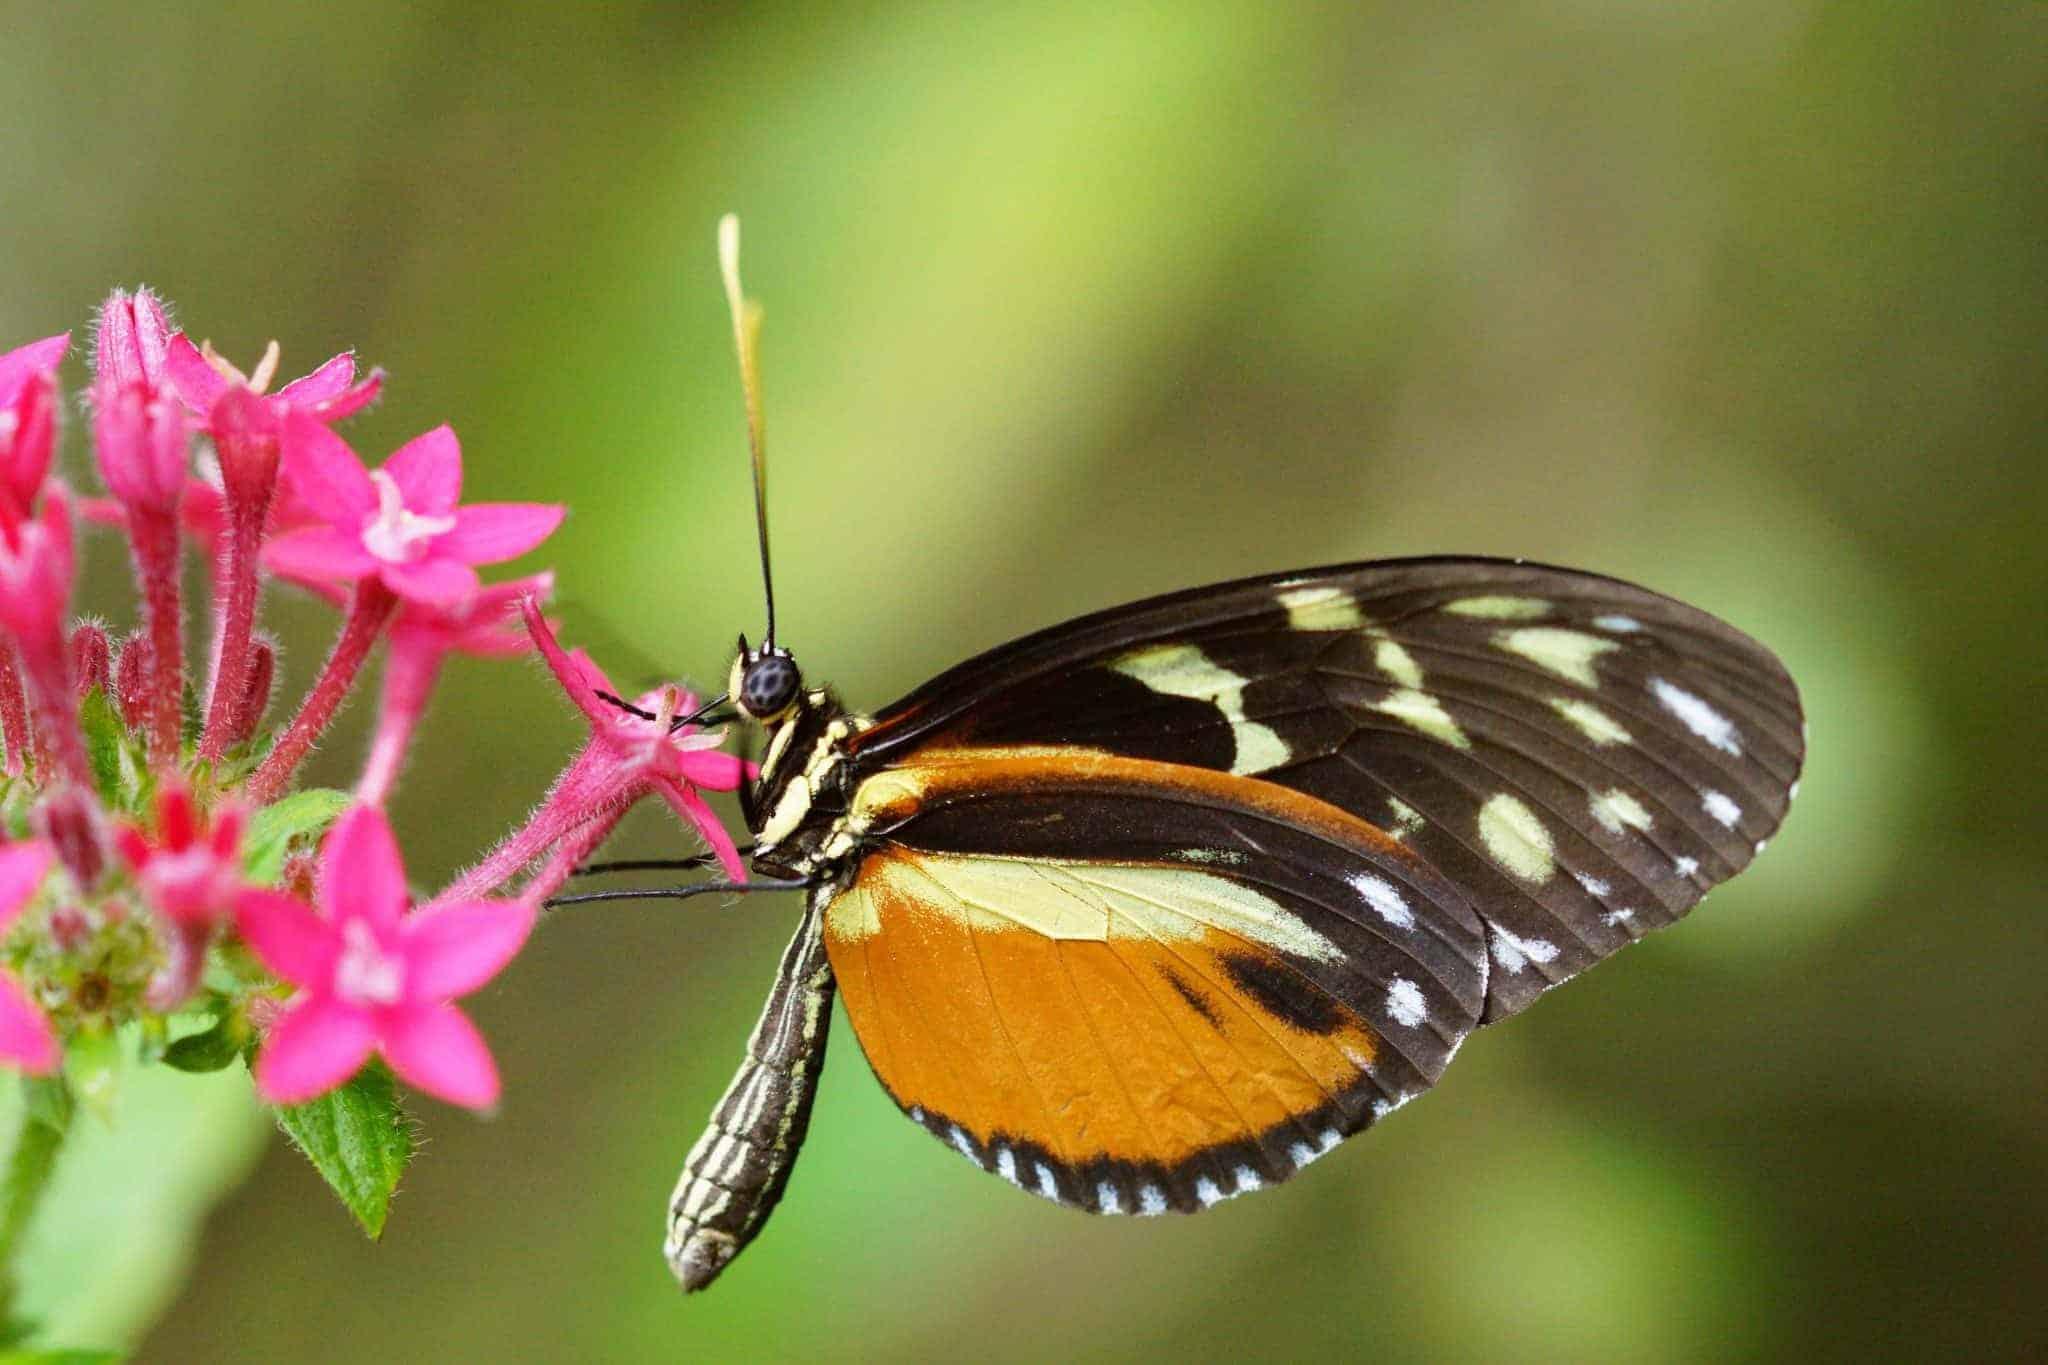 Vlinder op roze bloem - fotografie-reizen.nl